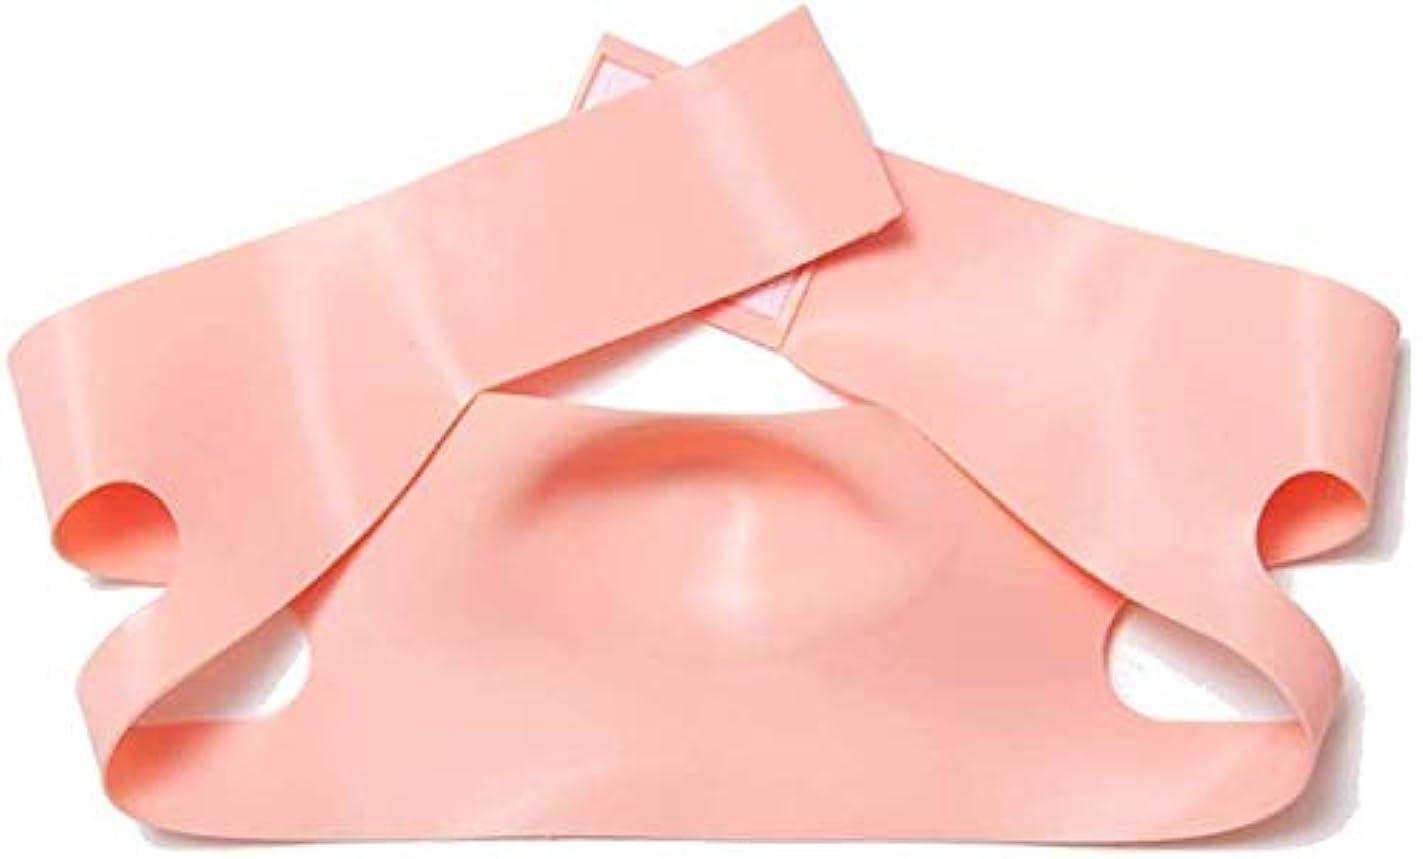 評議会下飲み込む美容と実用的なフェイスリフトマスク、チンストラップシリコーンVフェイスマスクフェイスマスク強い包帯V顔アーティファクト小さなV顔包帯顔と首リフト